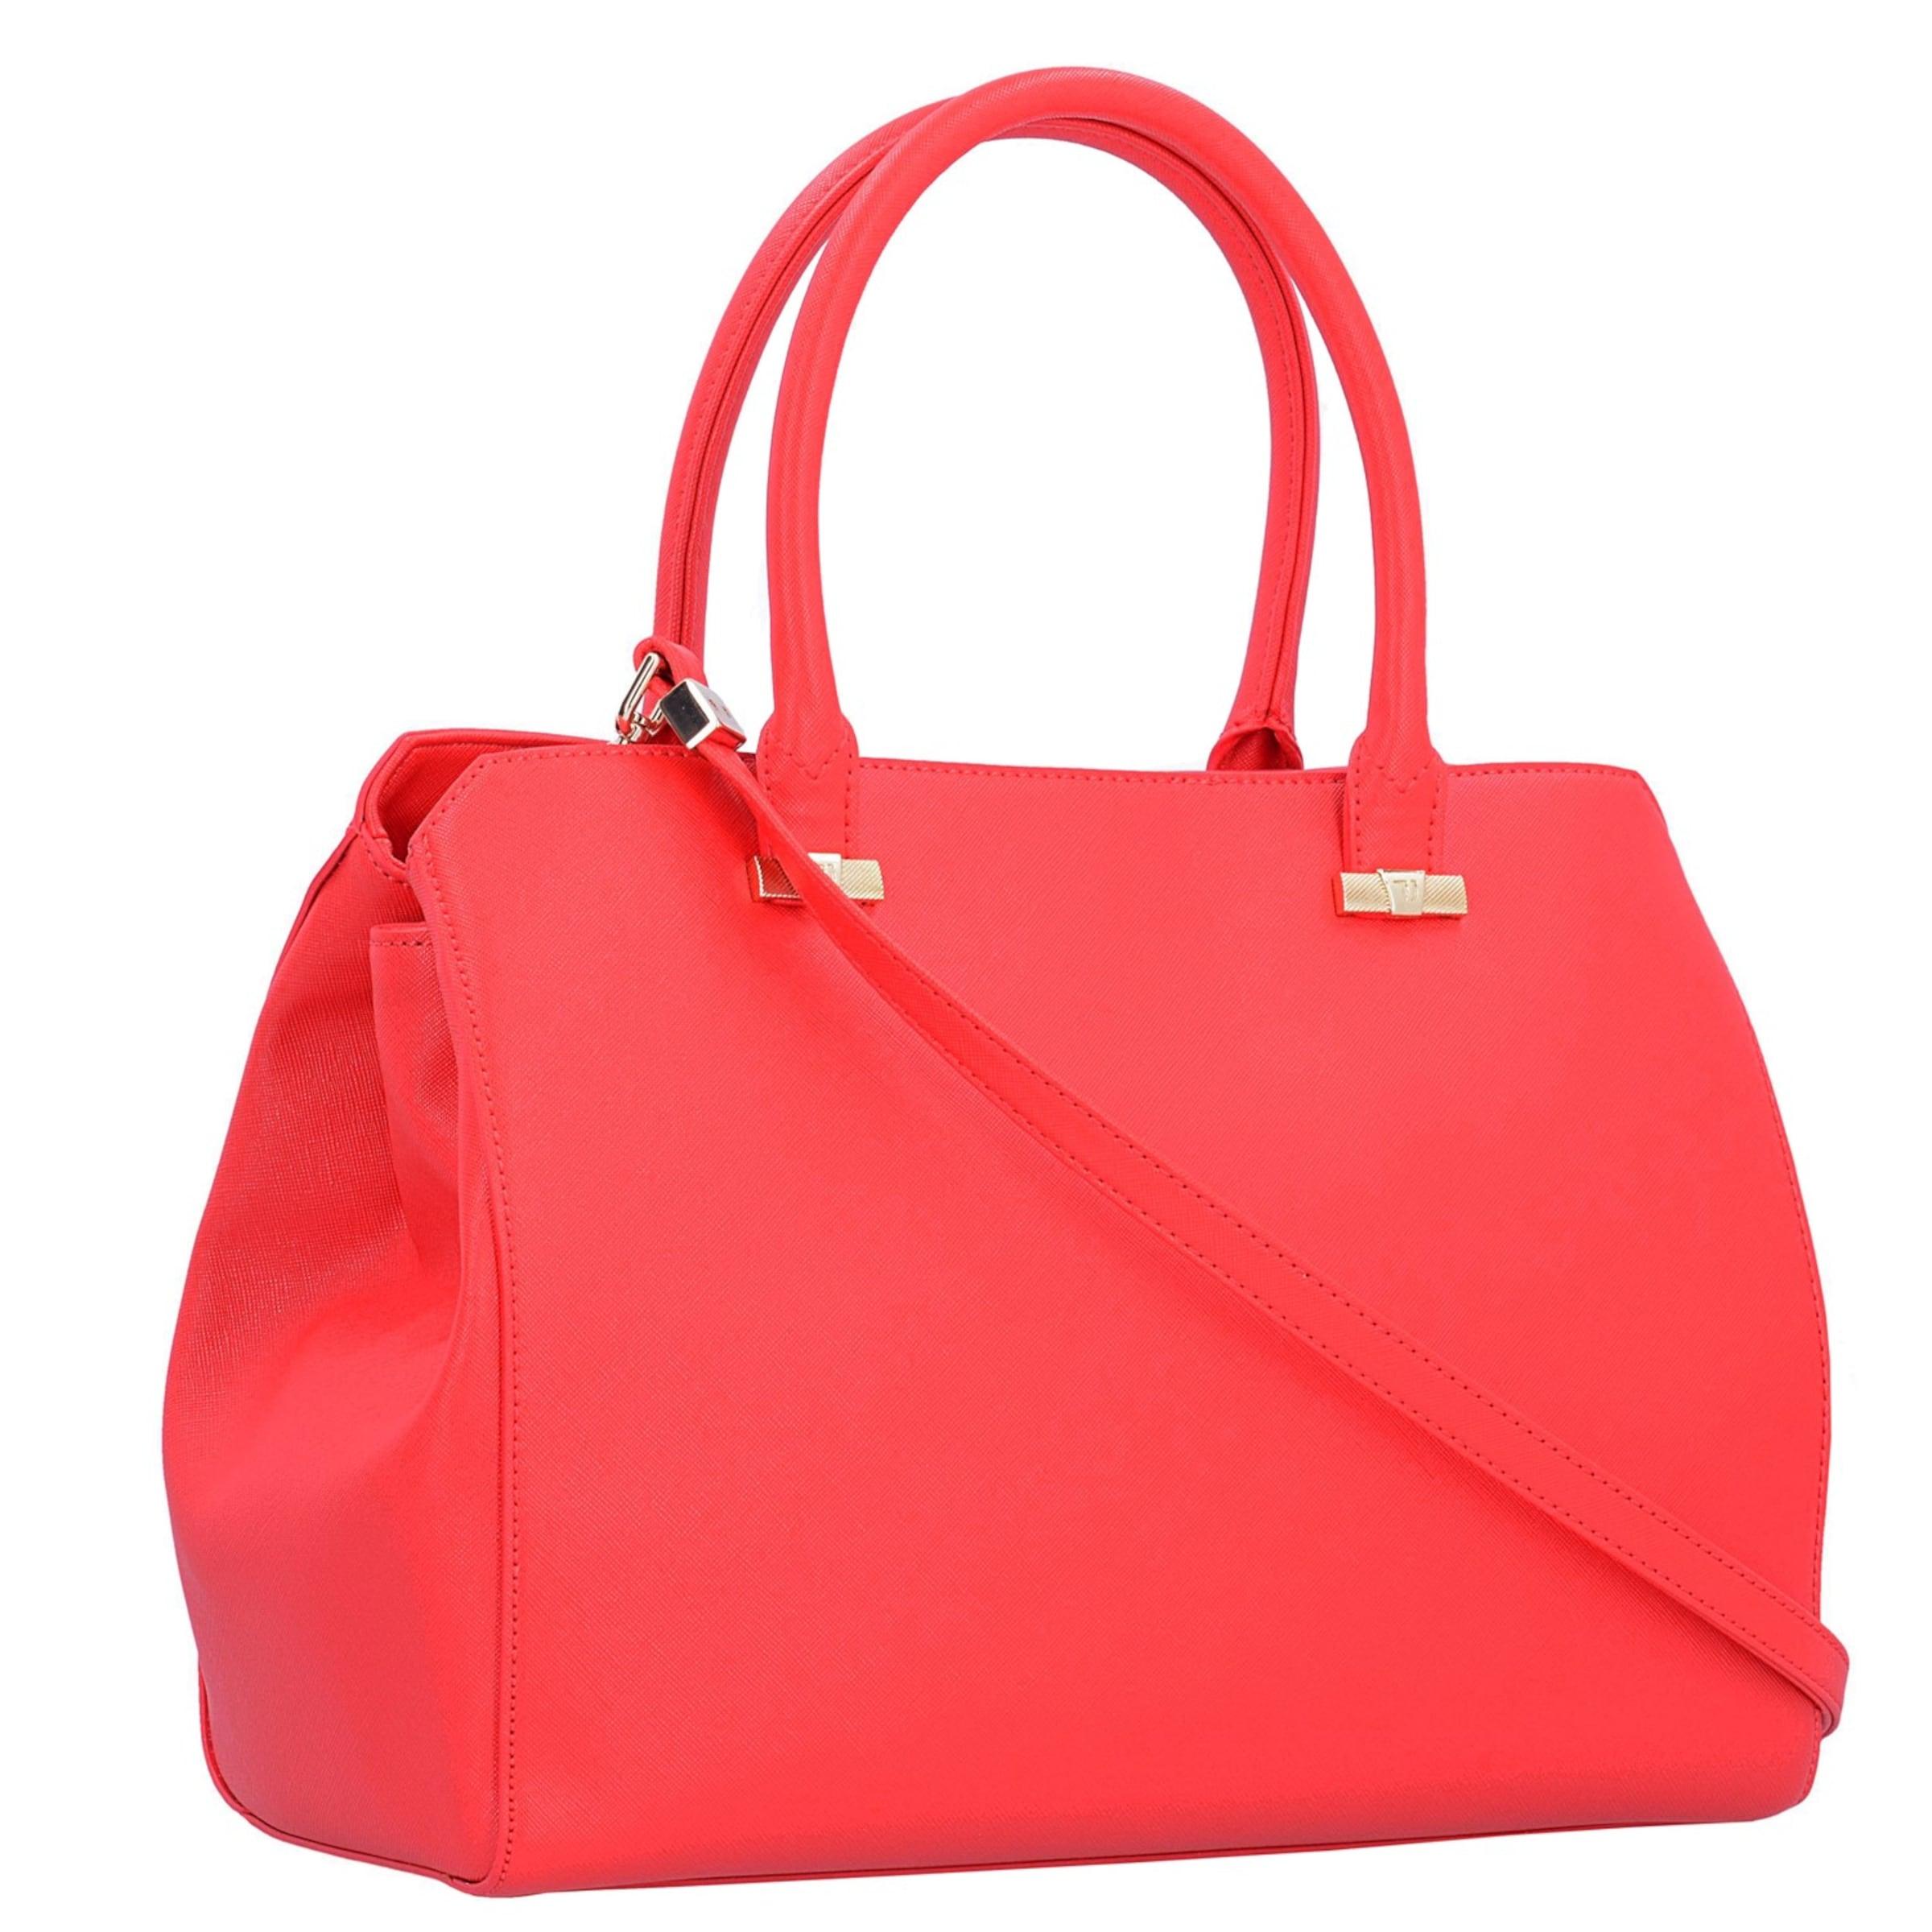 Trussardi Jeans Levanto Ecosaffiano Tote Bag Handtasche 34 cm Günstig Kaufen Niedrigen Preis Versandkosten Für Von Freiem Verschiffen Des Porzellans bl513XIH